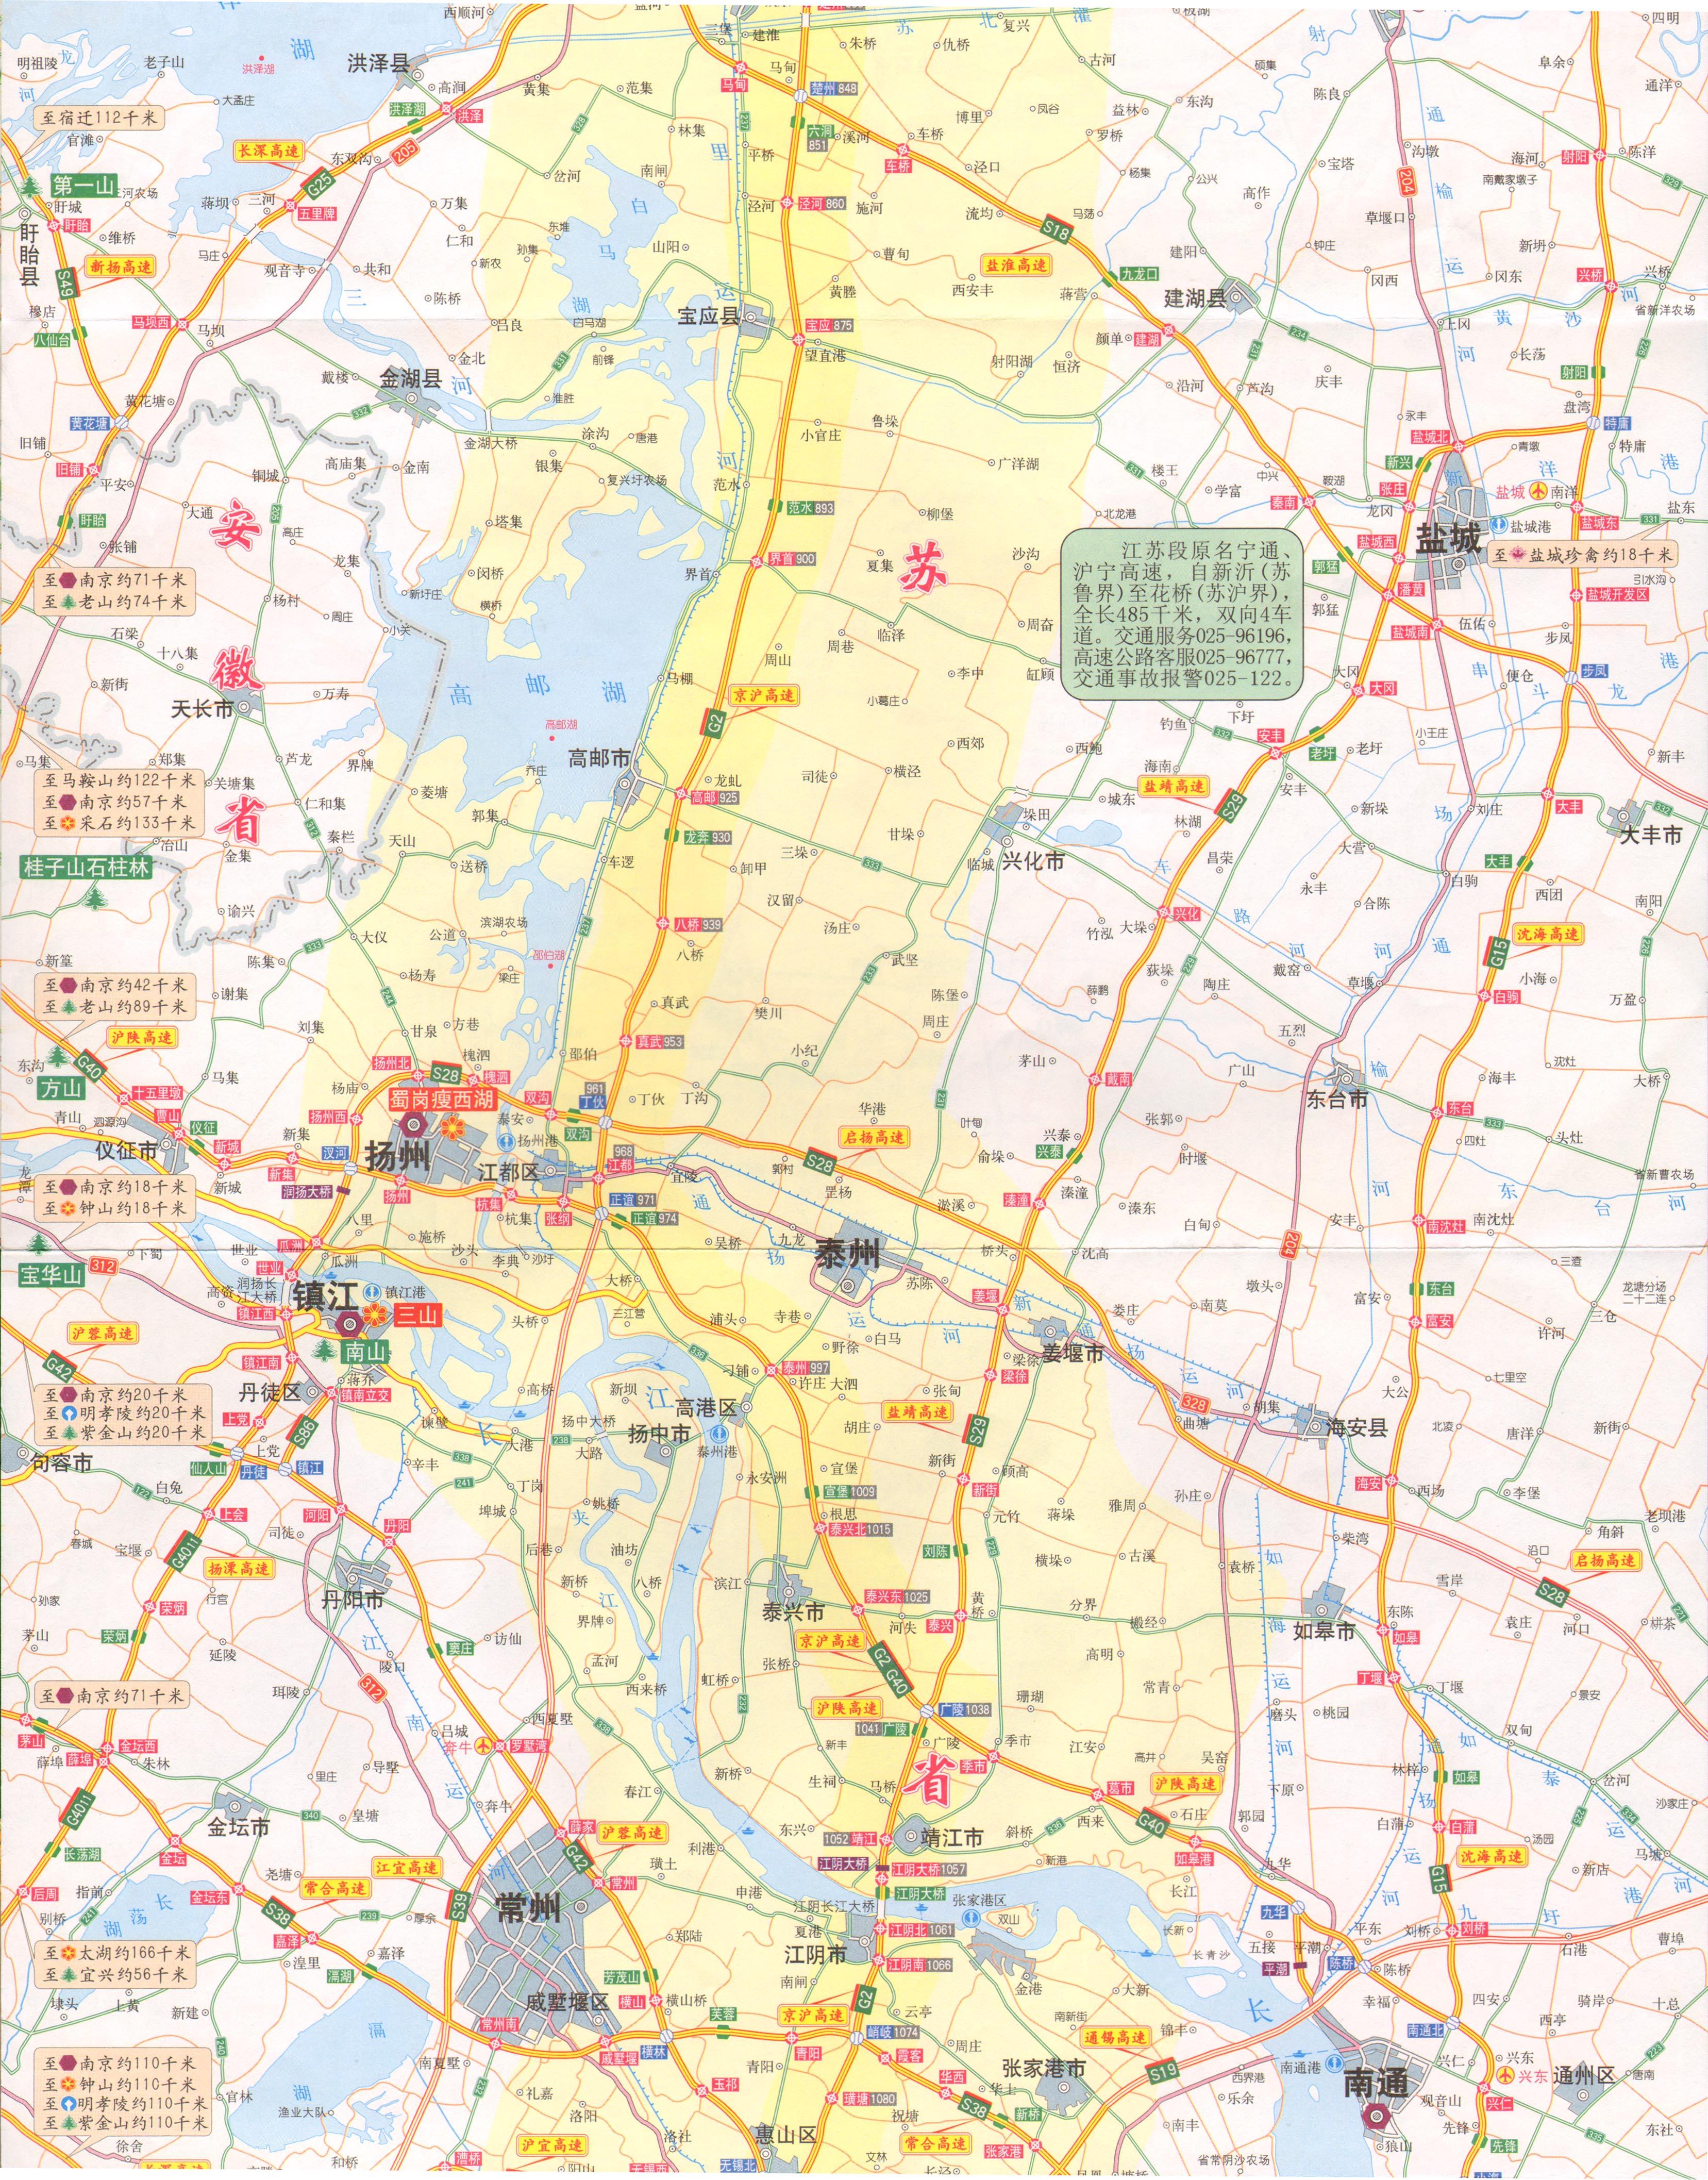 京沪高速公路线路图超长大图2013版7000万像素